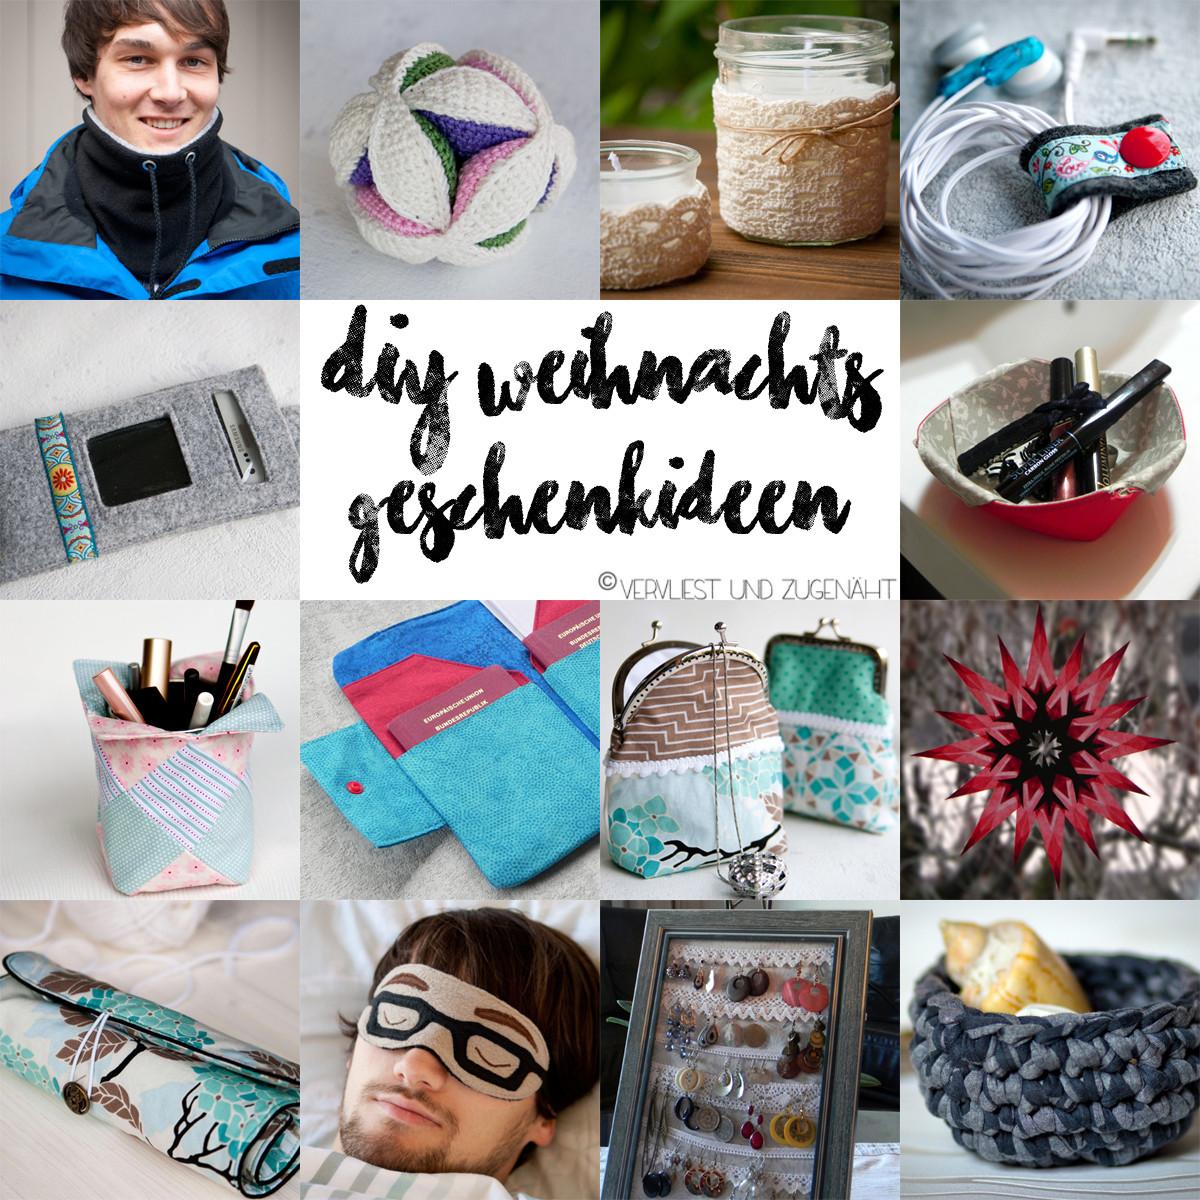 Diy Geschenke Weihnachten  Vervliest und zugenäht DIY Geschenkideen für Weihnachten